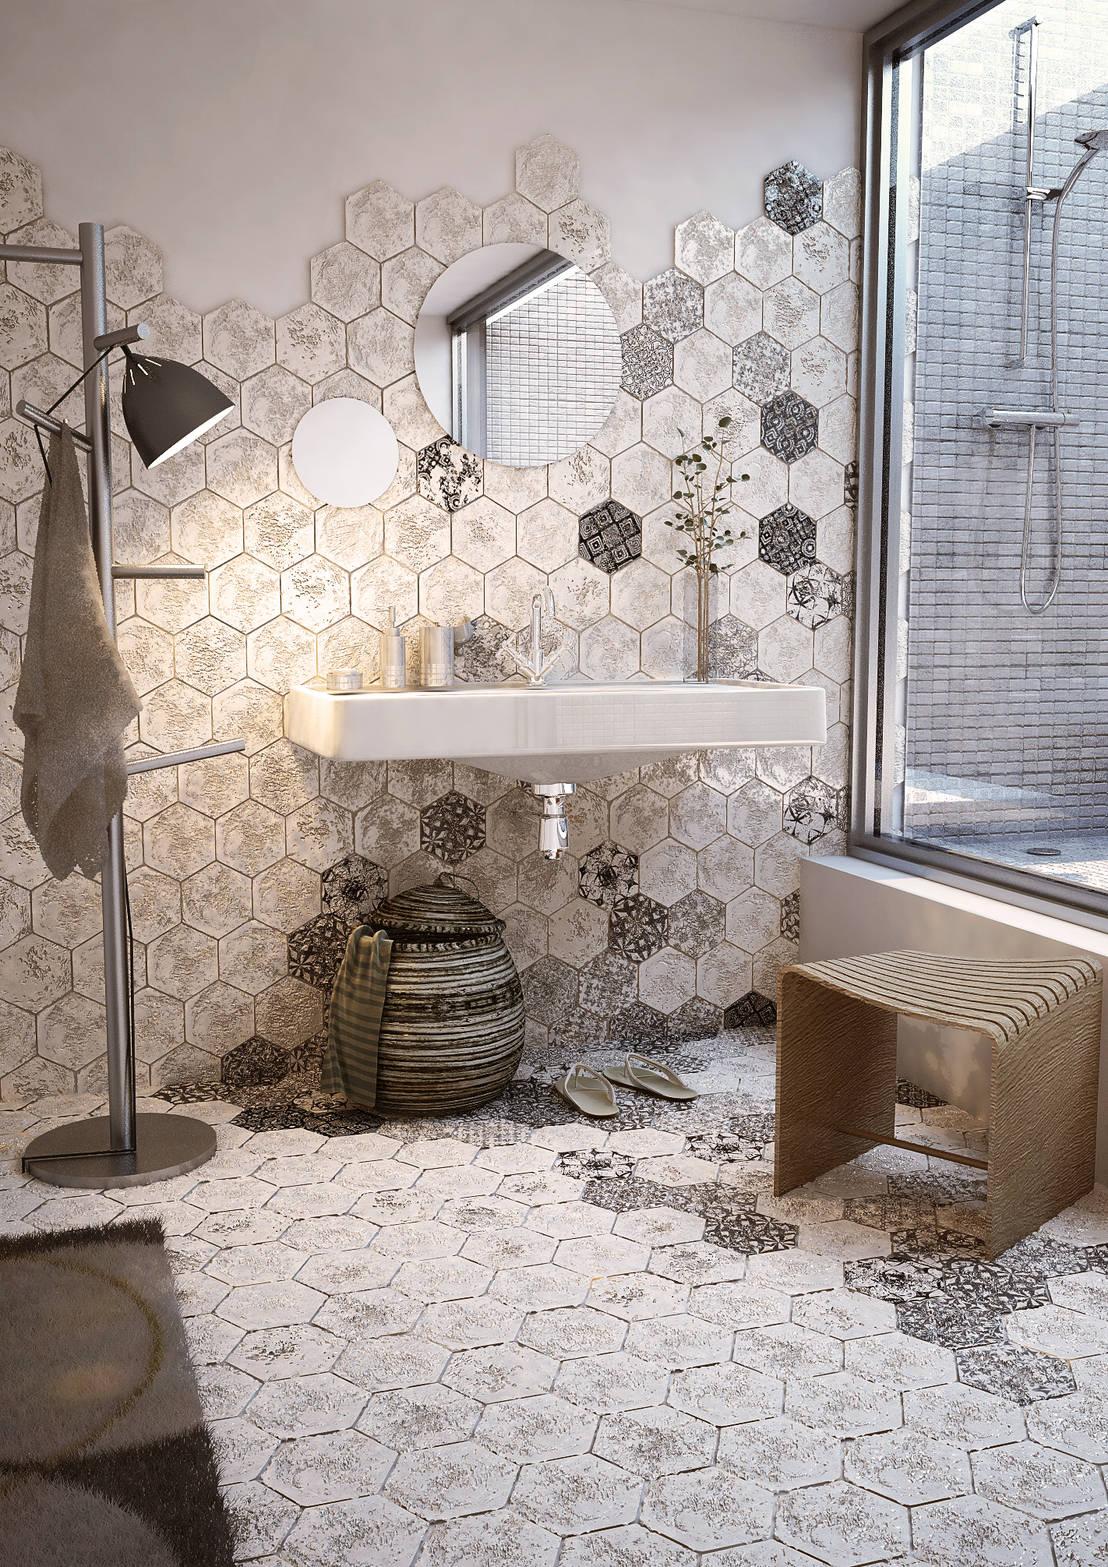 Cotto artistico fatto a mano bianco di l 39 arte del cotto - Piastrelle esagonali bagno ...